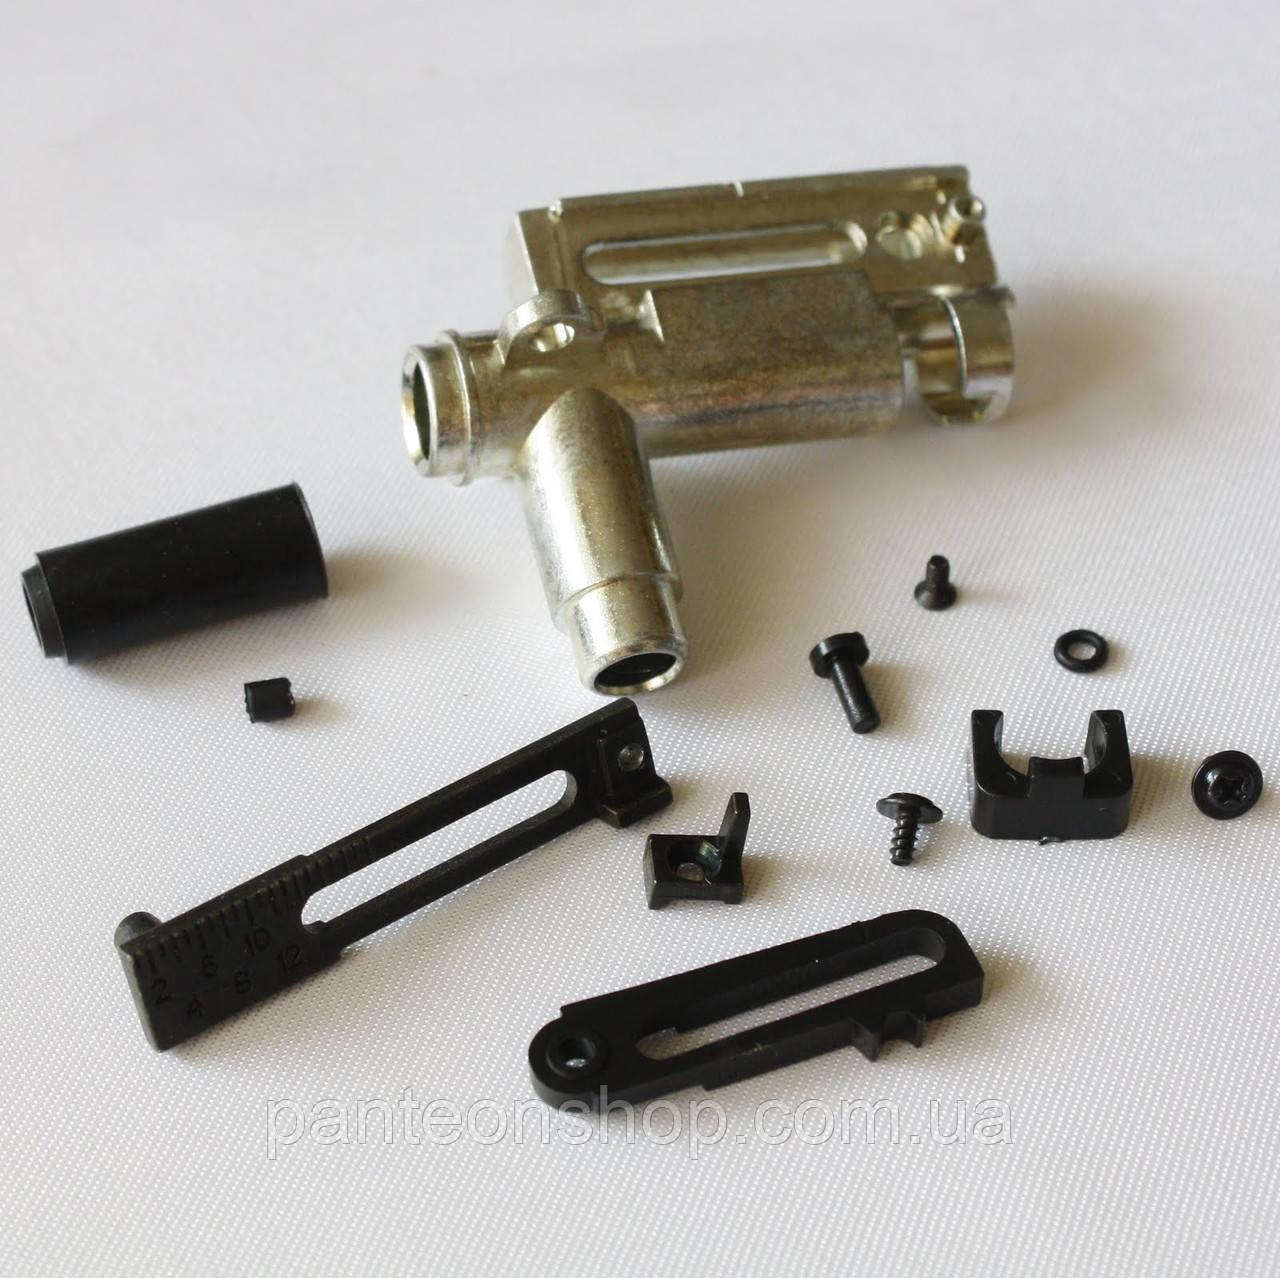 CYMA камера хоп-апу АК метал + резинка